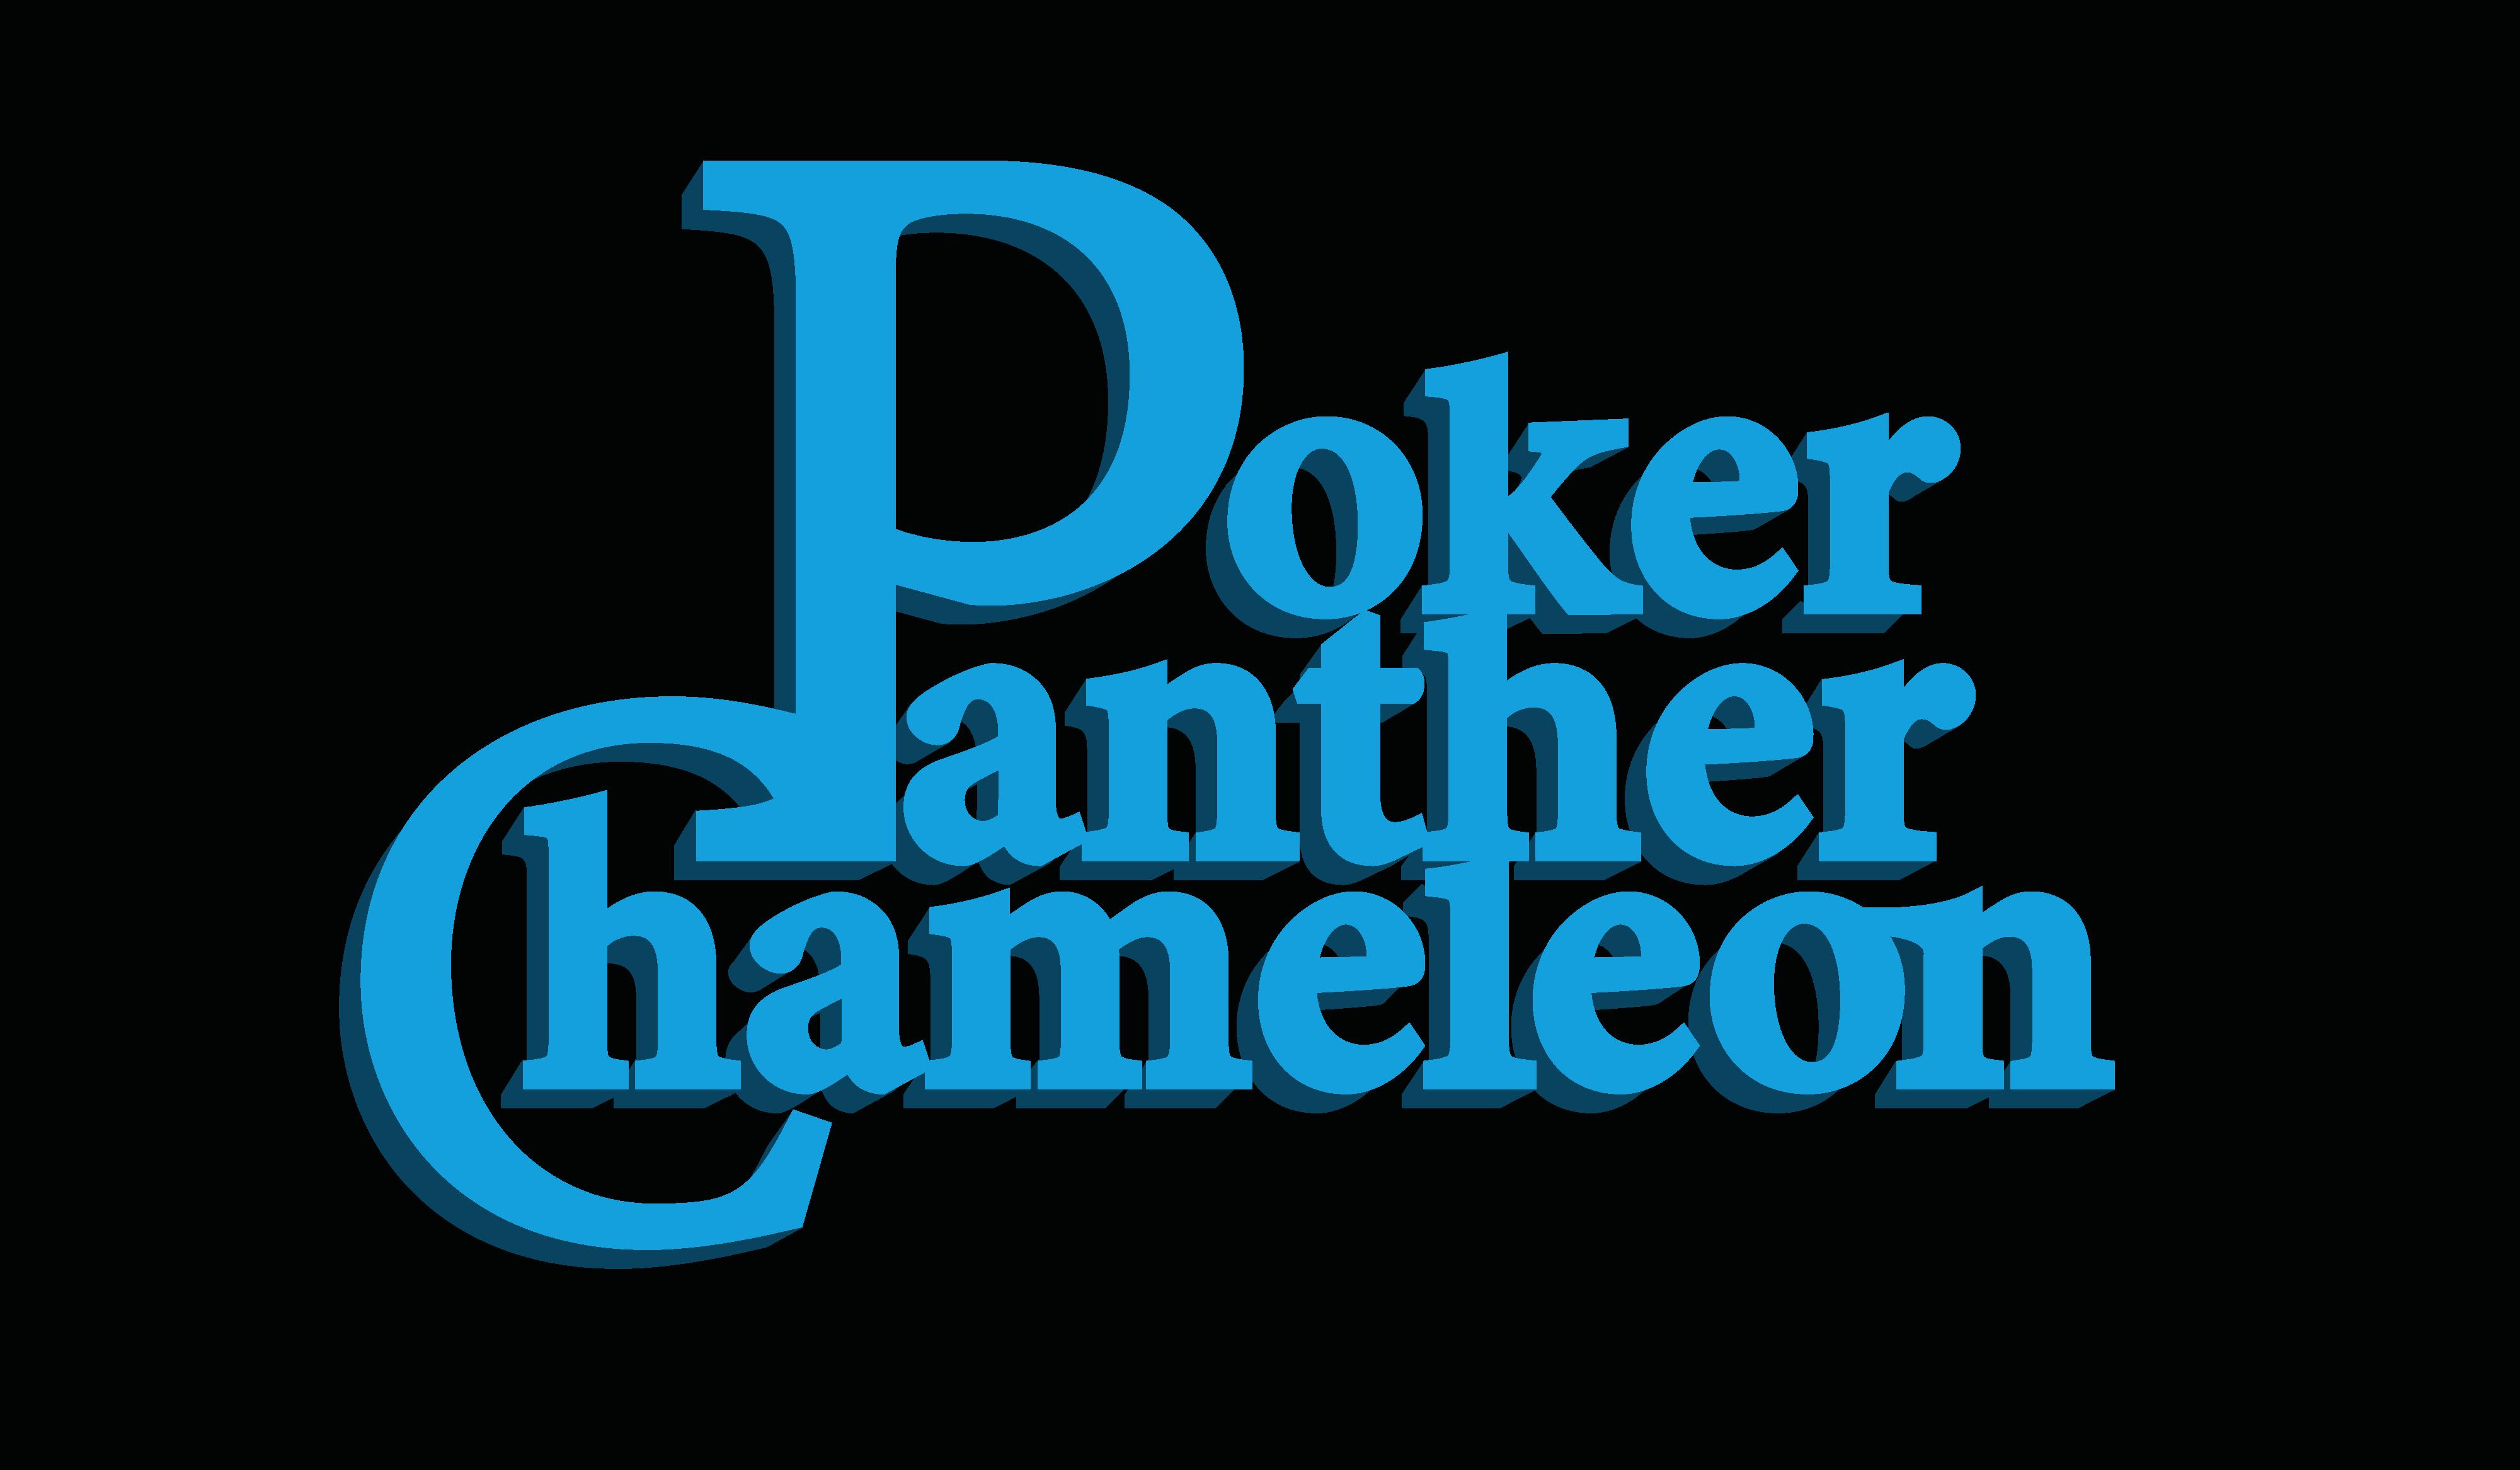 Poker: Panther Chameleon